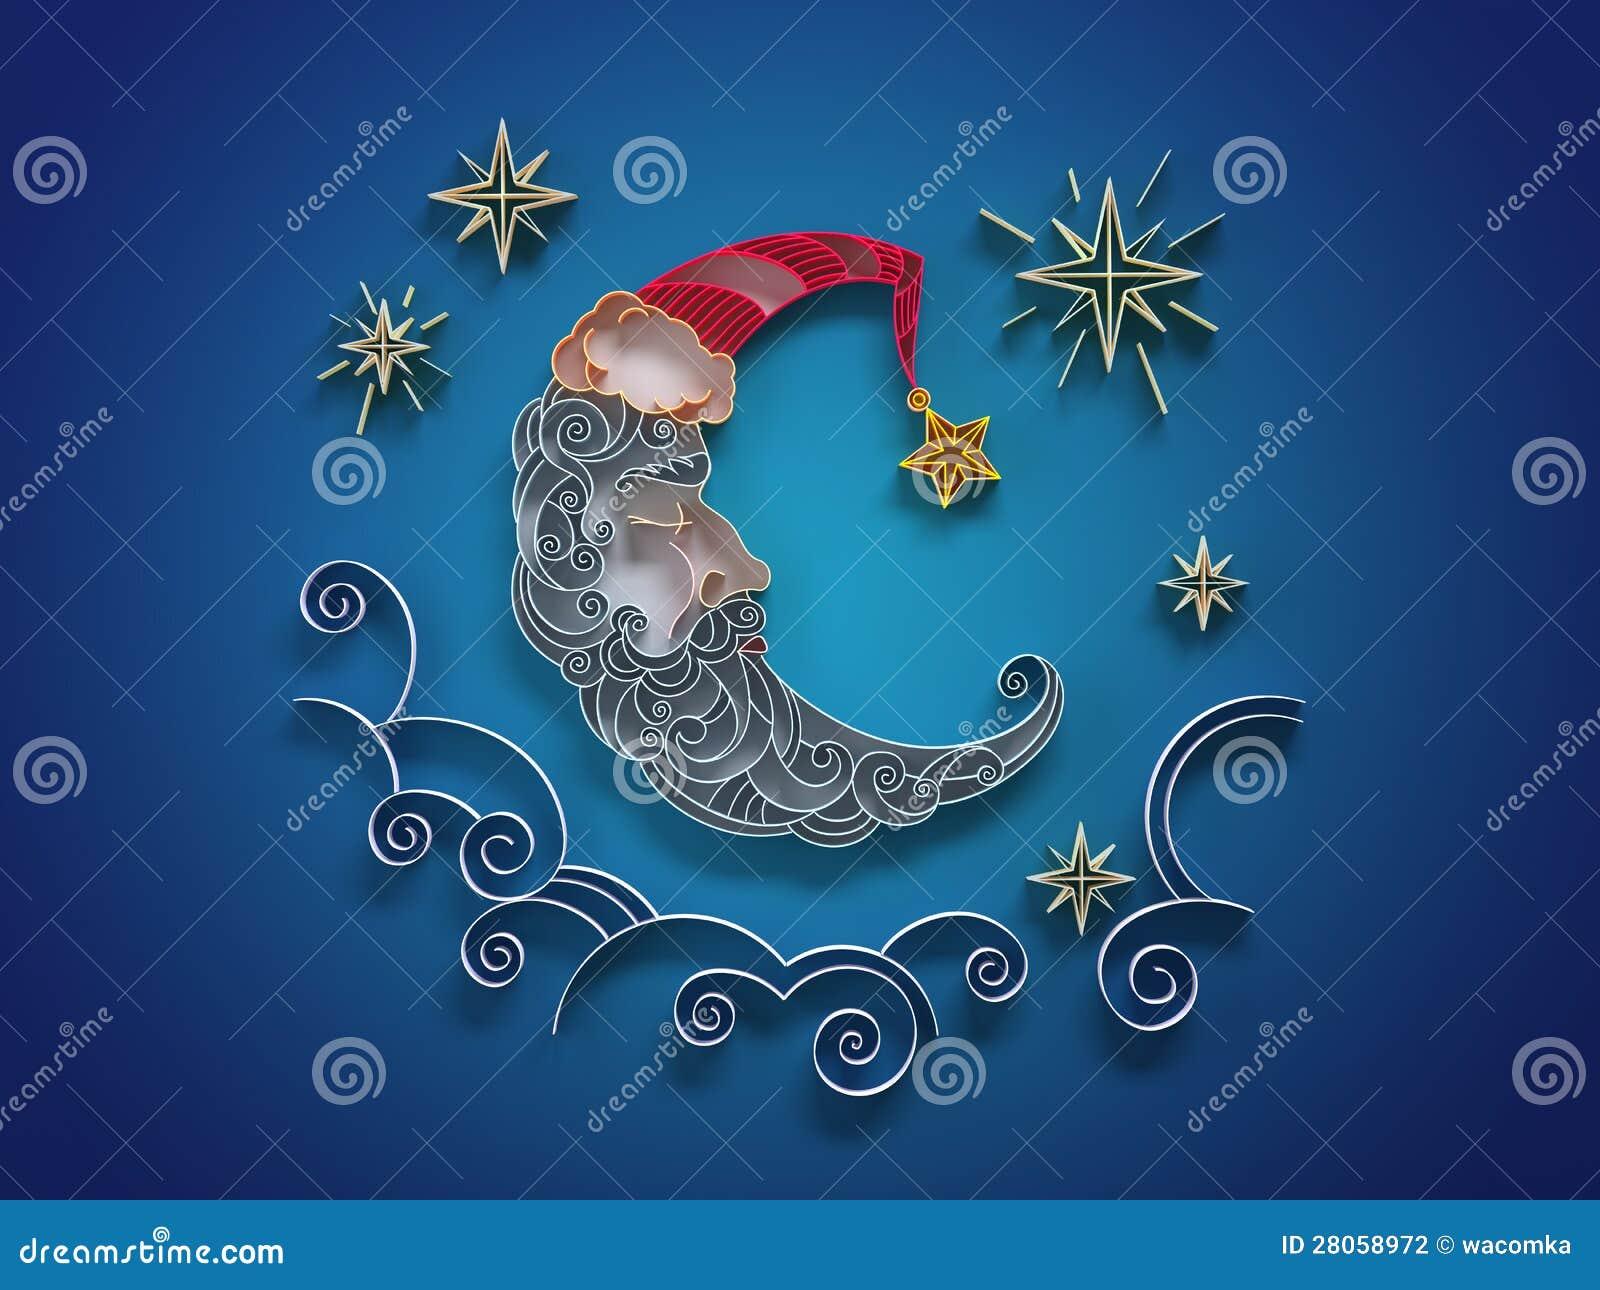 #1F85AC Décoration En Croissant De Sommeil Quilling Photographie  6013 decoration de noel quilling 1300x1065 px @ aertt.com